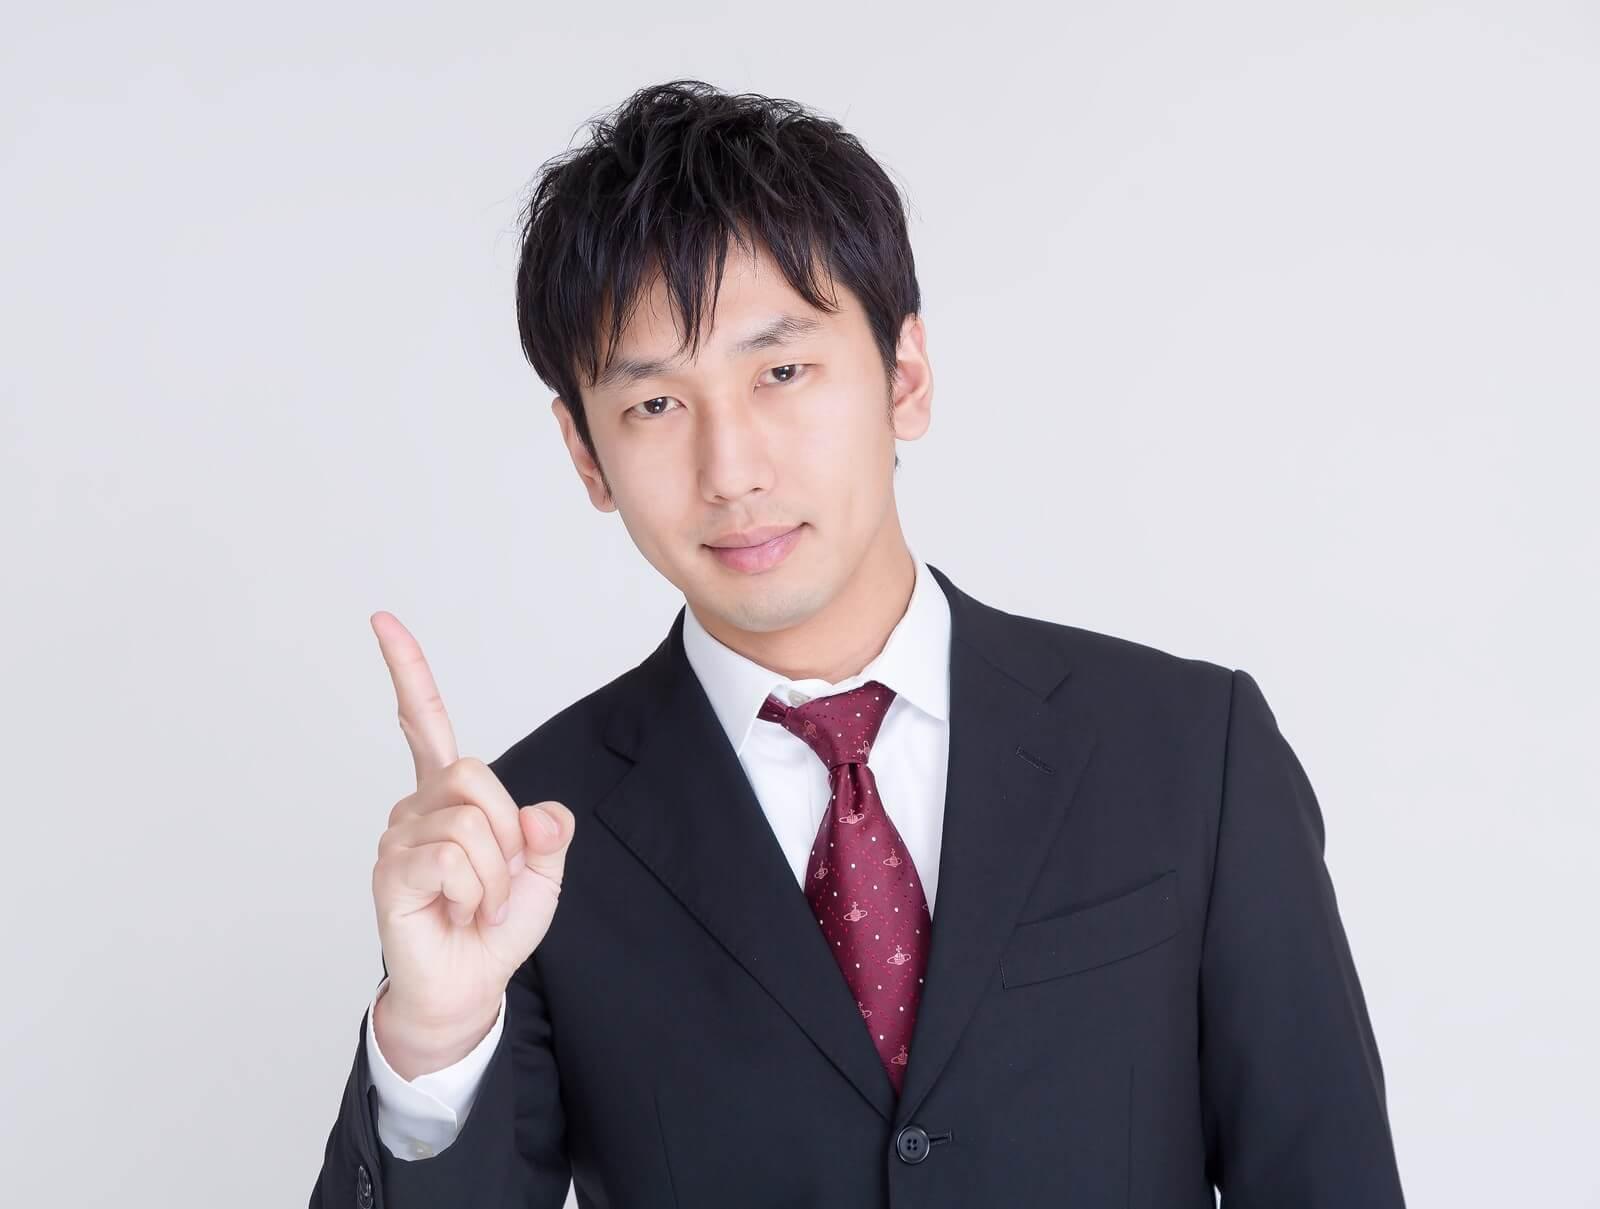 エックスモバイル(X-mobile)は格安スマホ会社NO.1店舗数と説明する男性